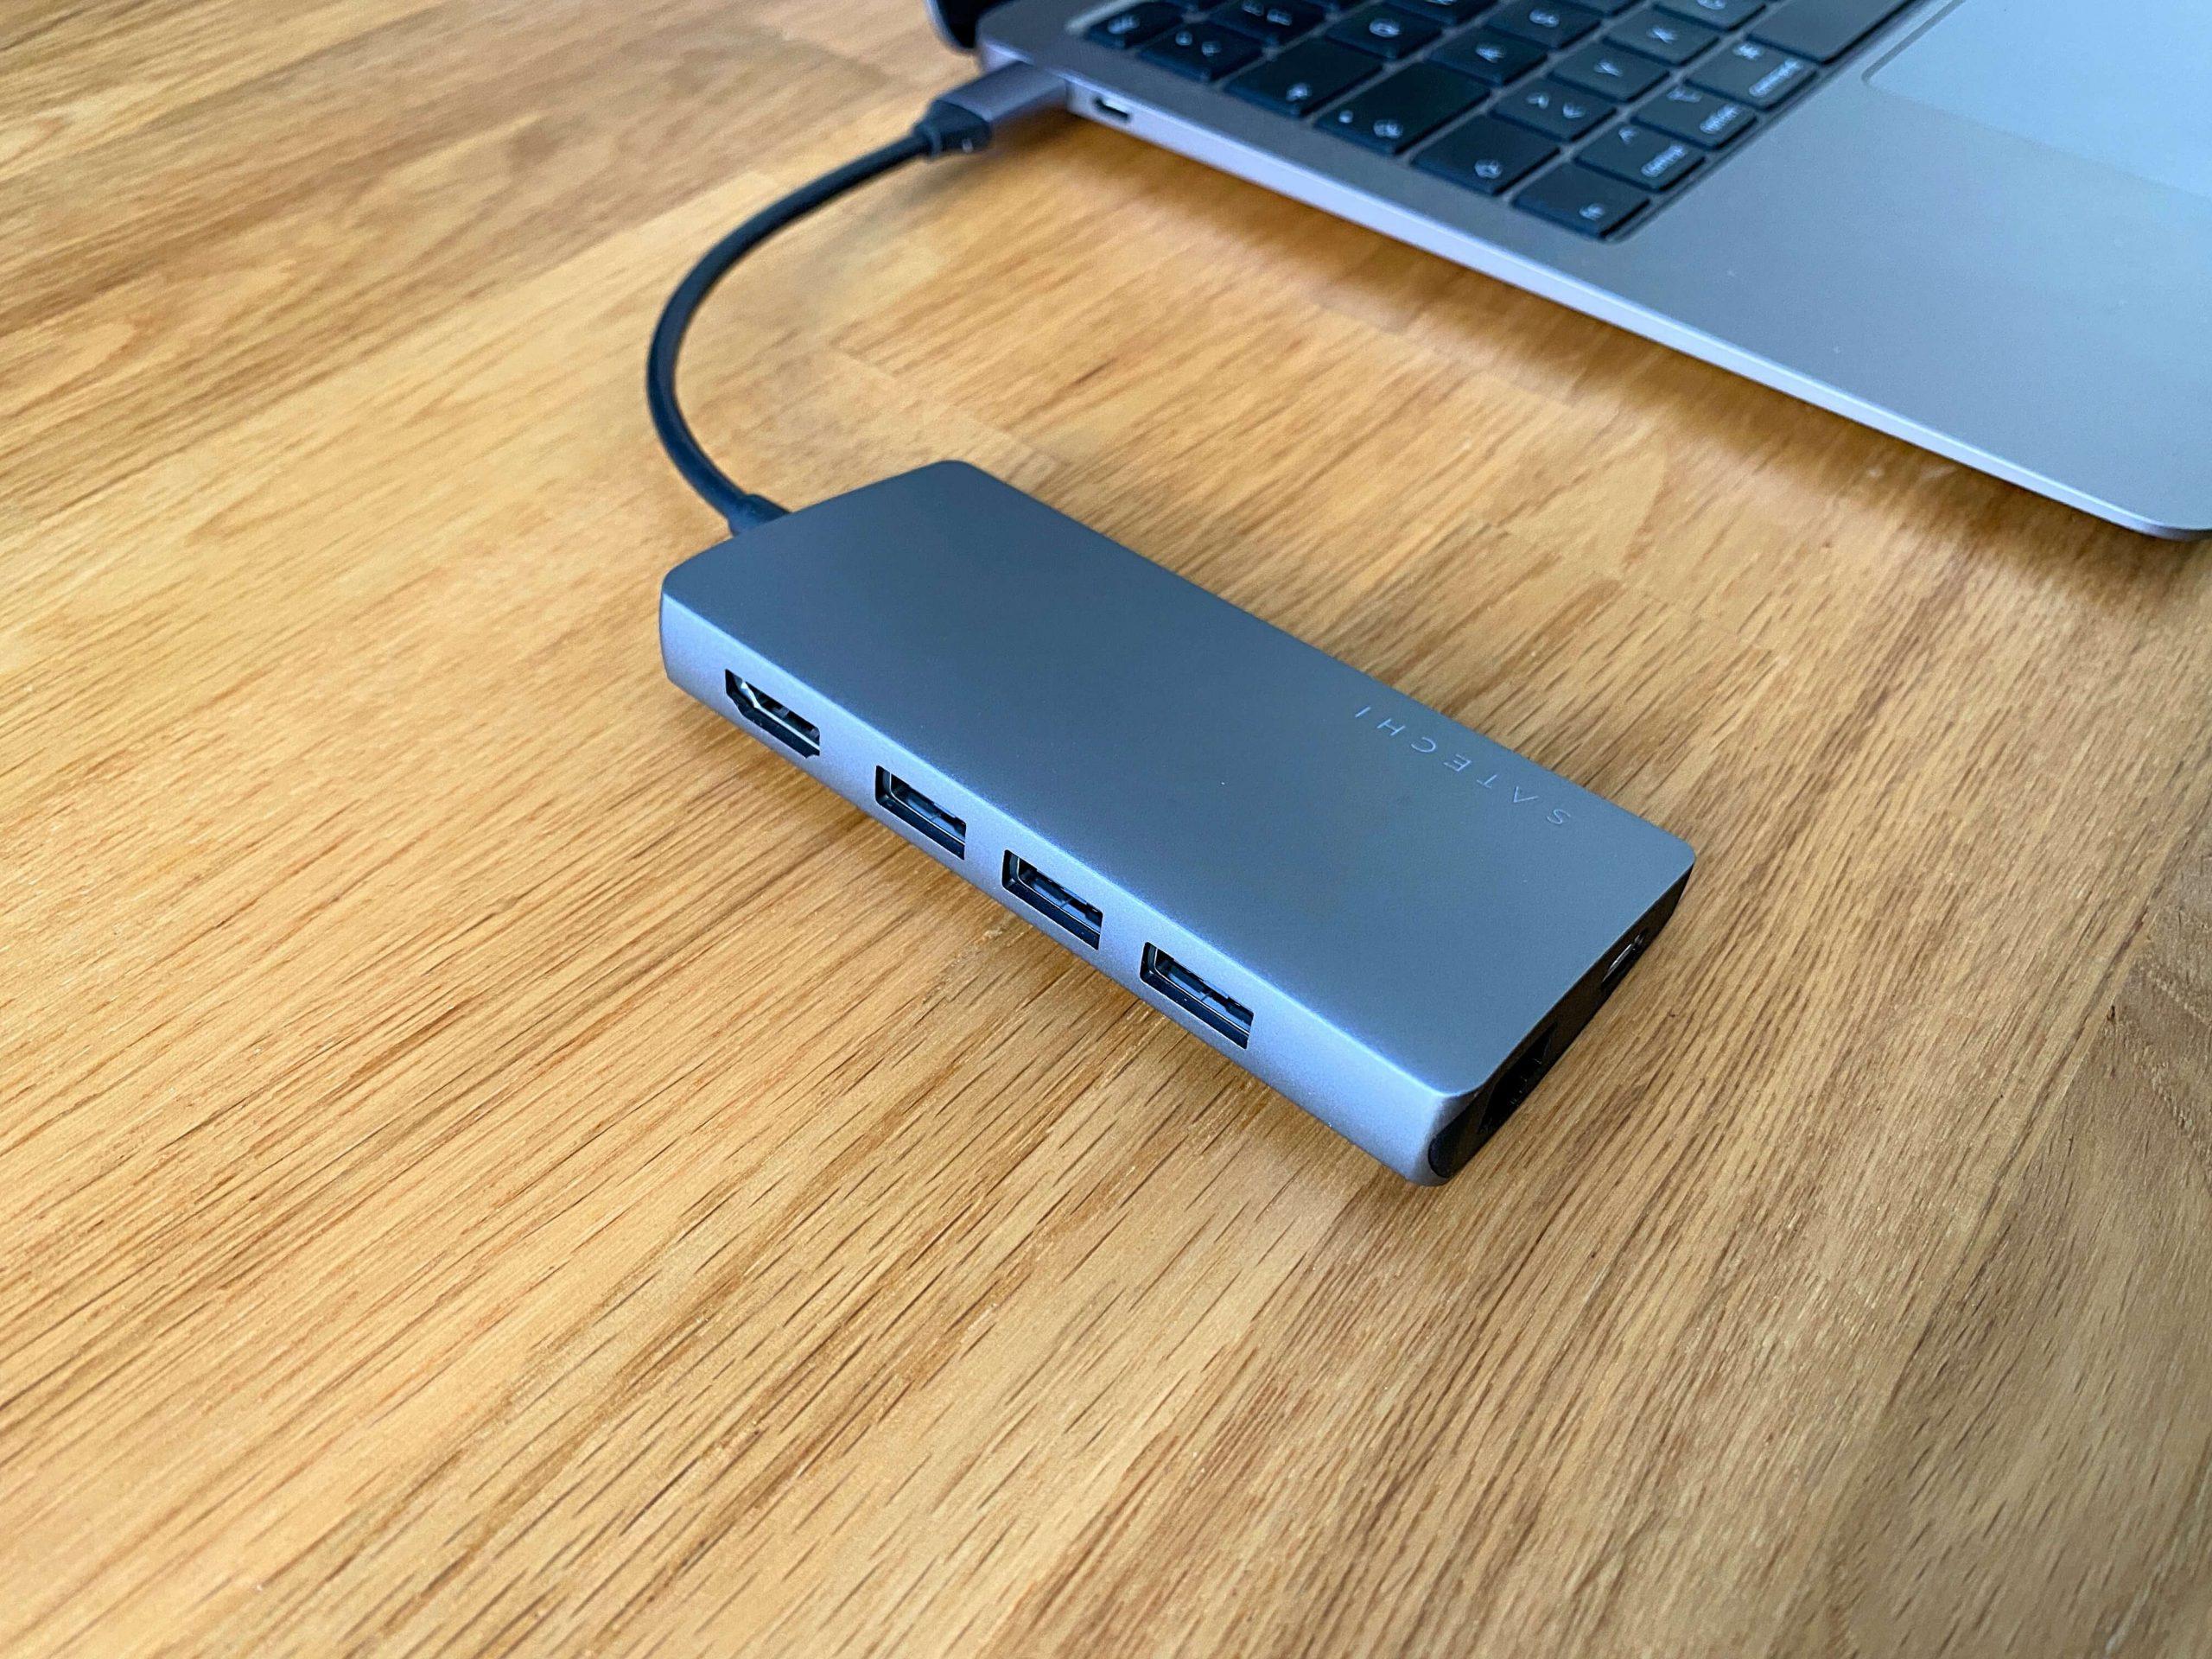 Multiport-Adapter-V2-von-Satechi-HDMI-Speicherkartenslot-USB-C-Ethernet-und-Strom2-scaled Multiport-Adapter V2 von Satechi - HDMI, Speicherkartenslot, USB-A, Ethernet und Strom